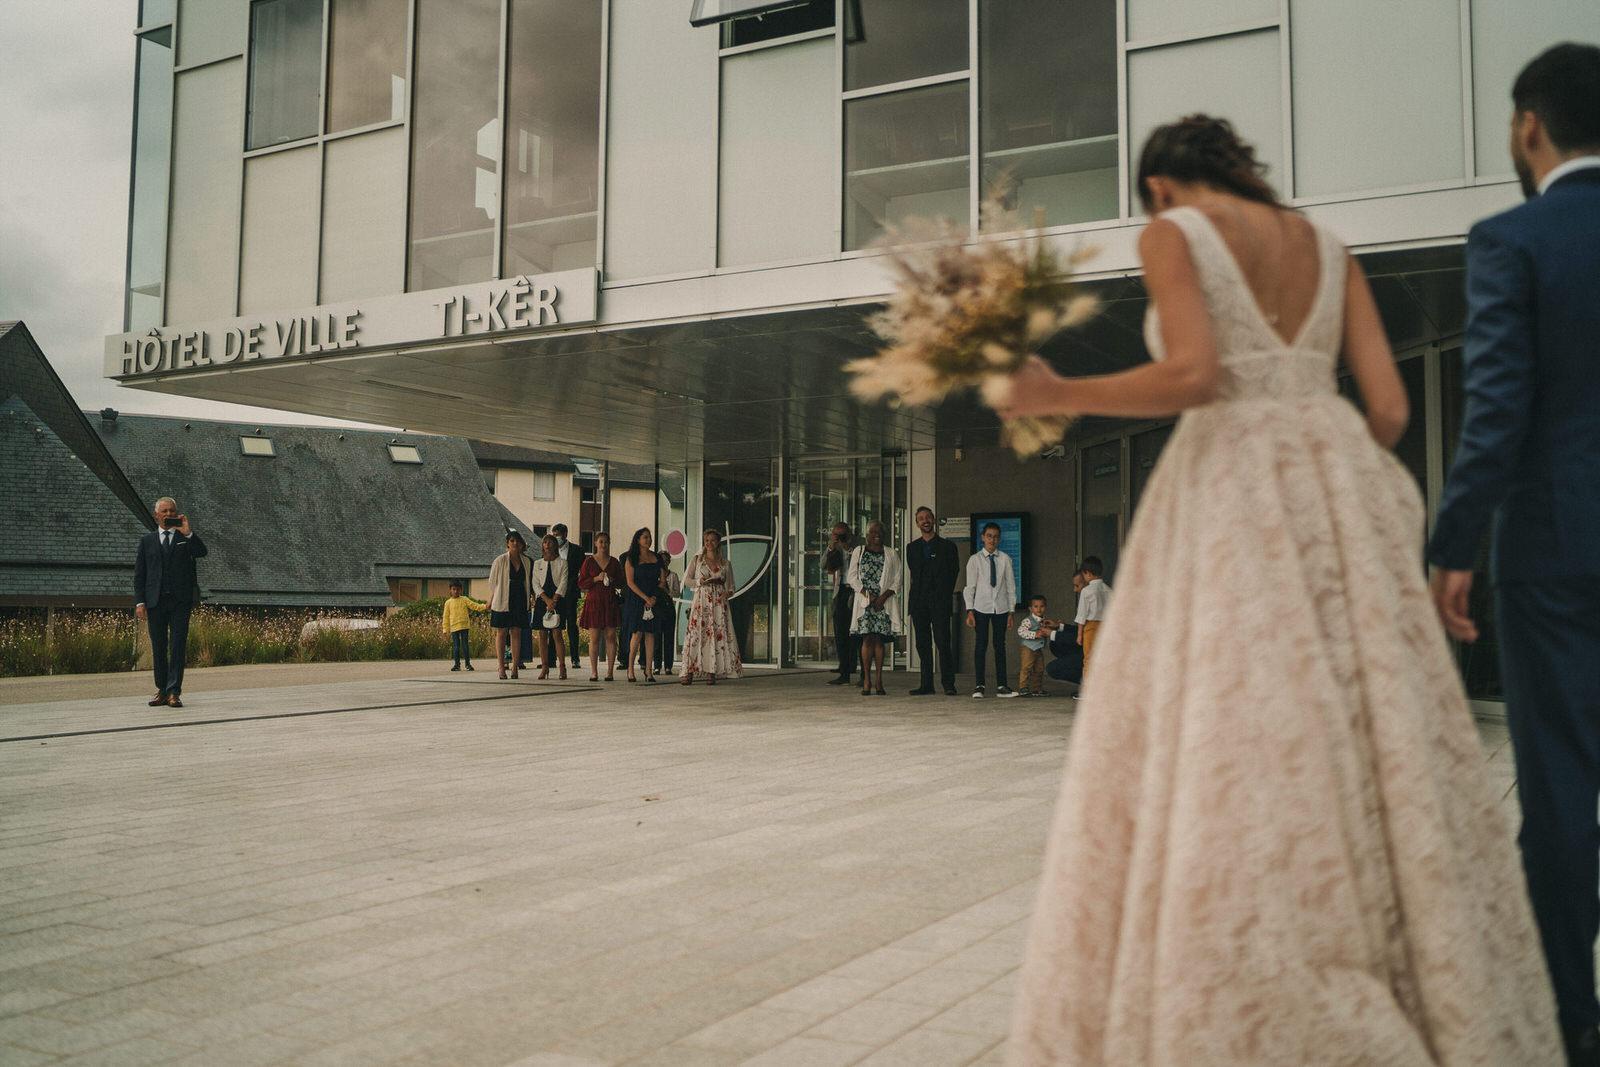 12543 Mariage Intime Élopement En Bord De Mer En Bretagne Rebecca Clement À Plougonvelin Www.antoineborzeix.fr , Photographe & Videaste à Brest / Finistère